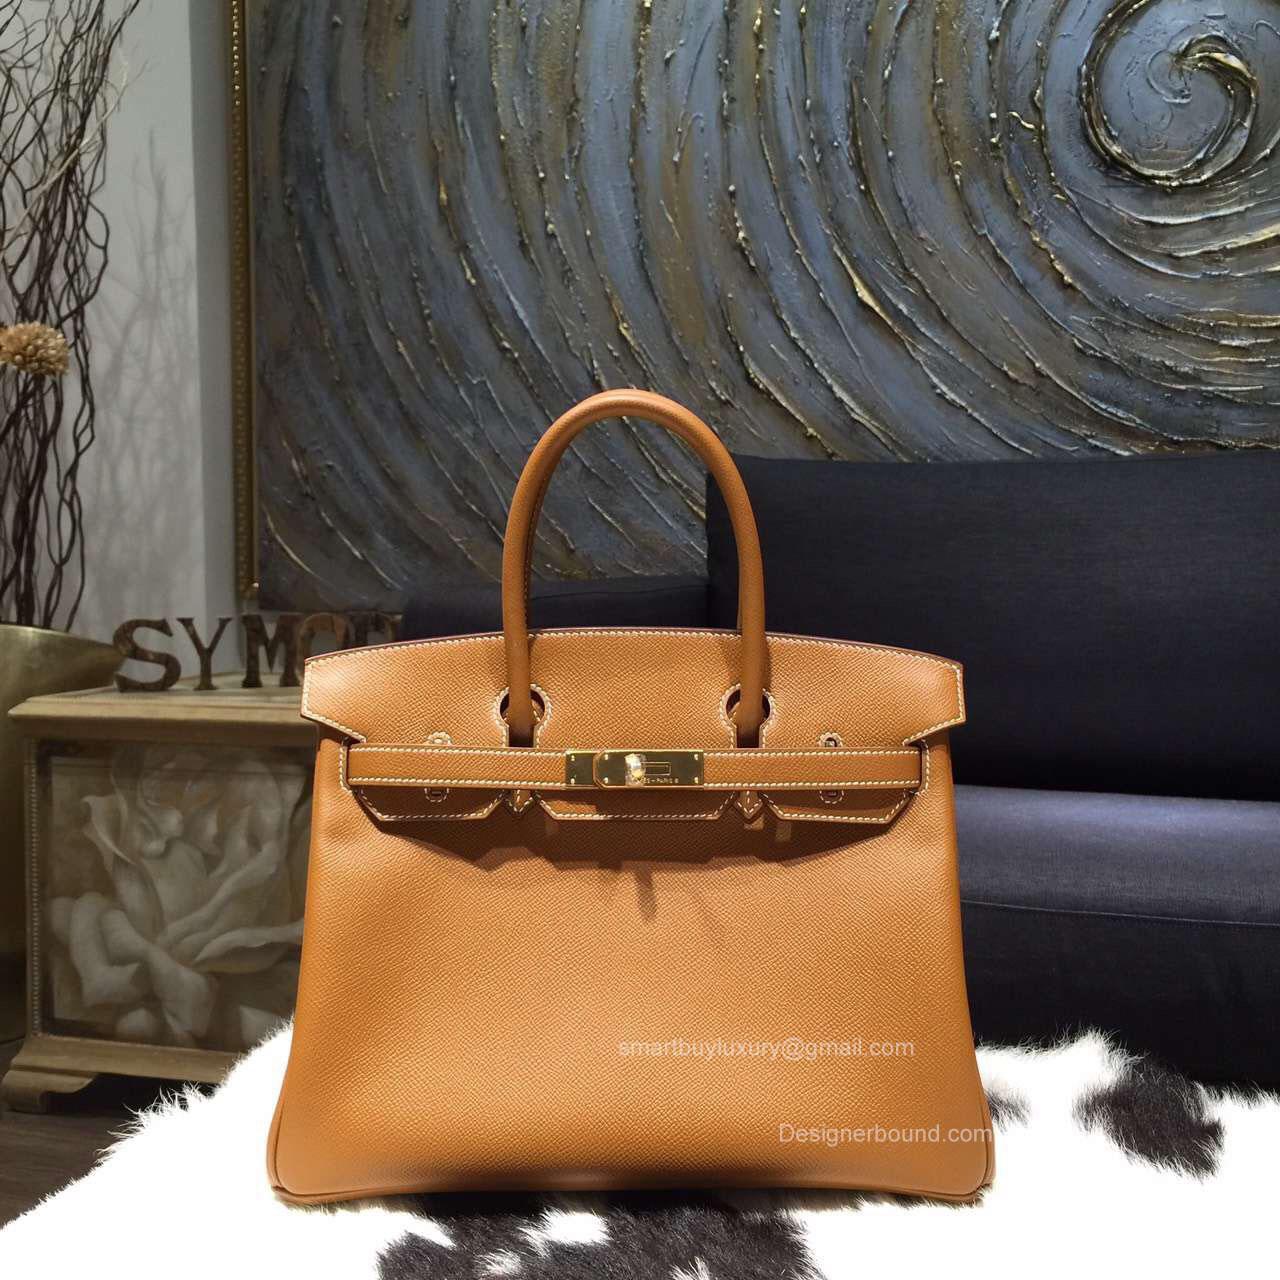 300f2895e7ca Hermes Birkin 35 Bag Gold CK37 Epsom Leather Handstitched Gold hw